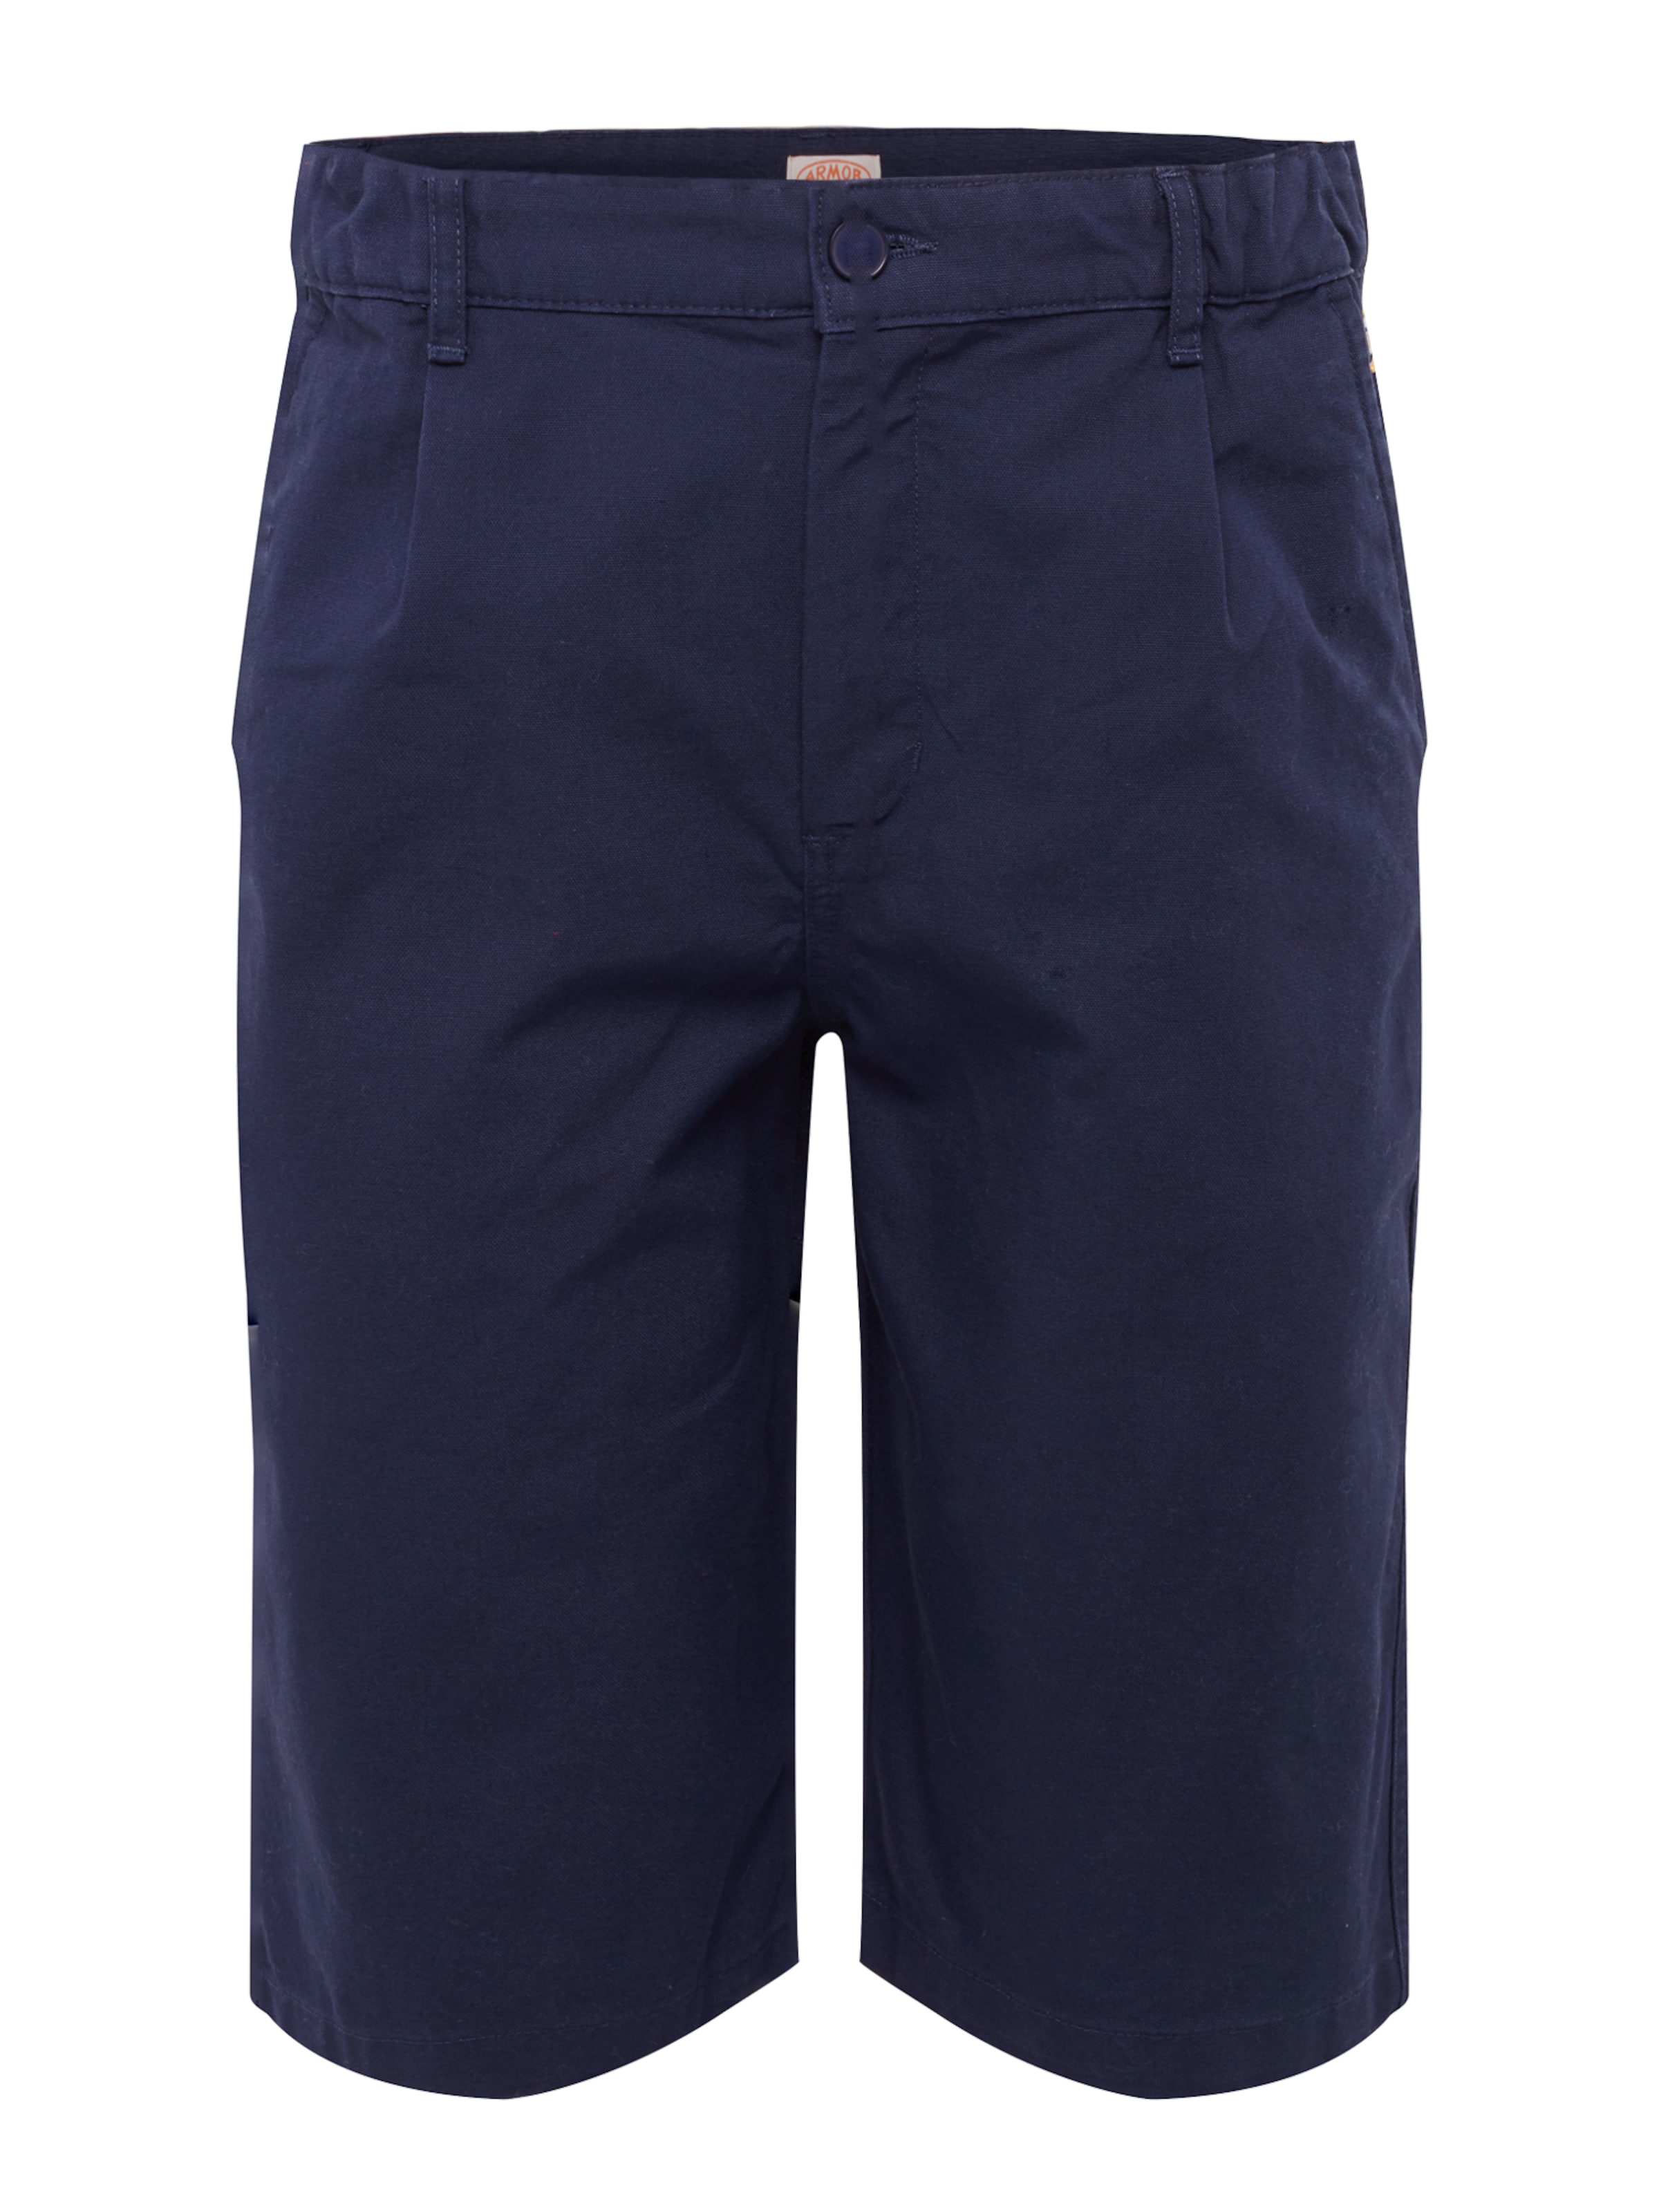 En À Lux Bleu Armor Pantalon Marine Pince 'bermuda' OXZPkTiu